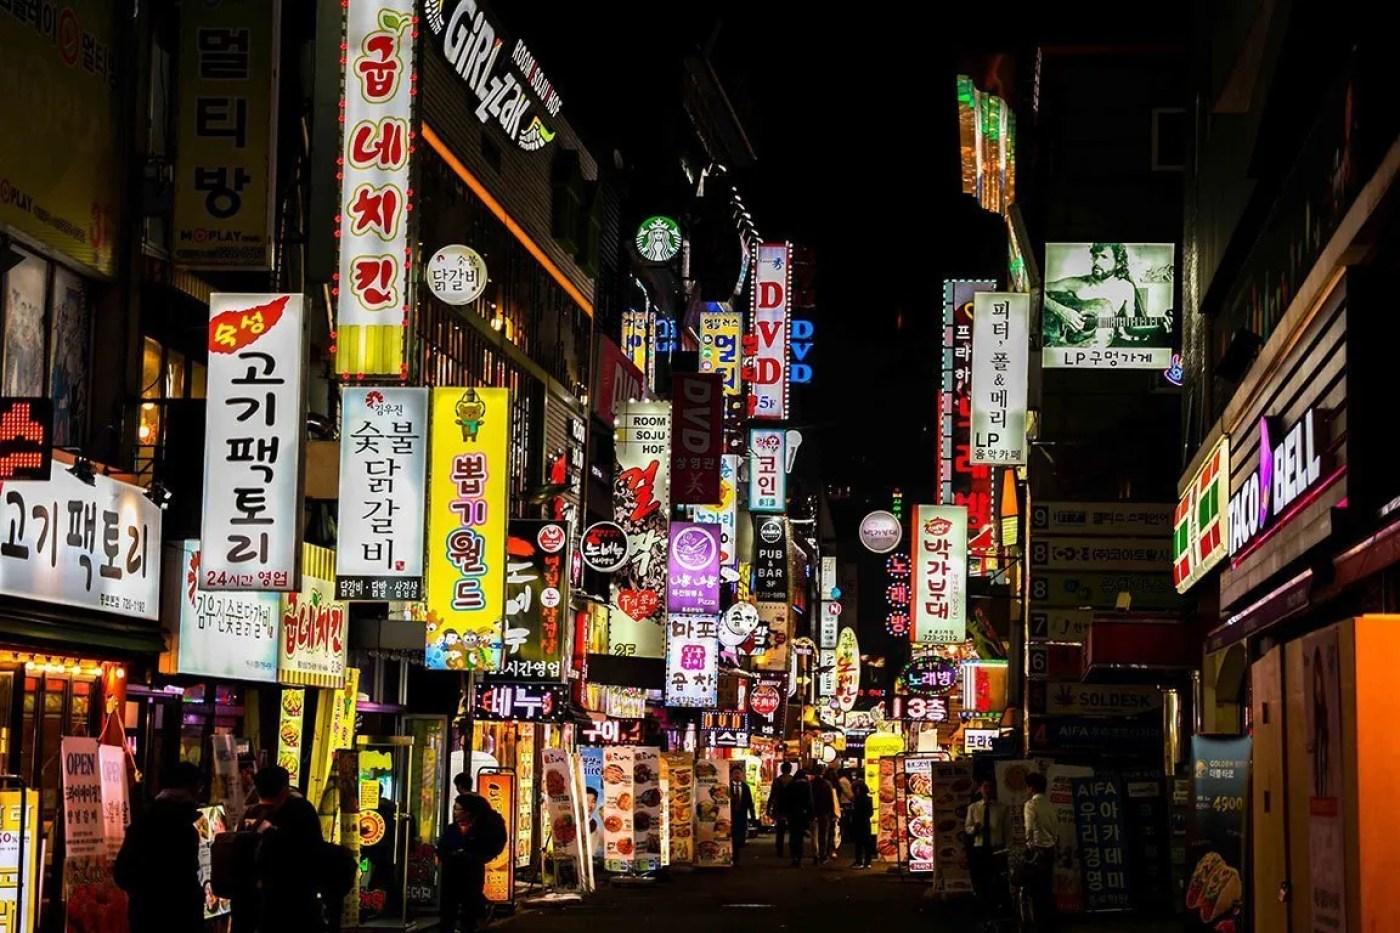 walking dwontown in korea